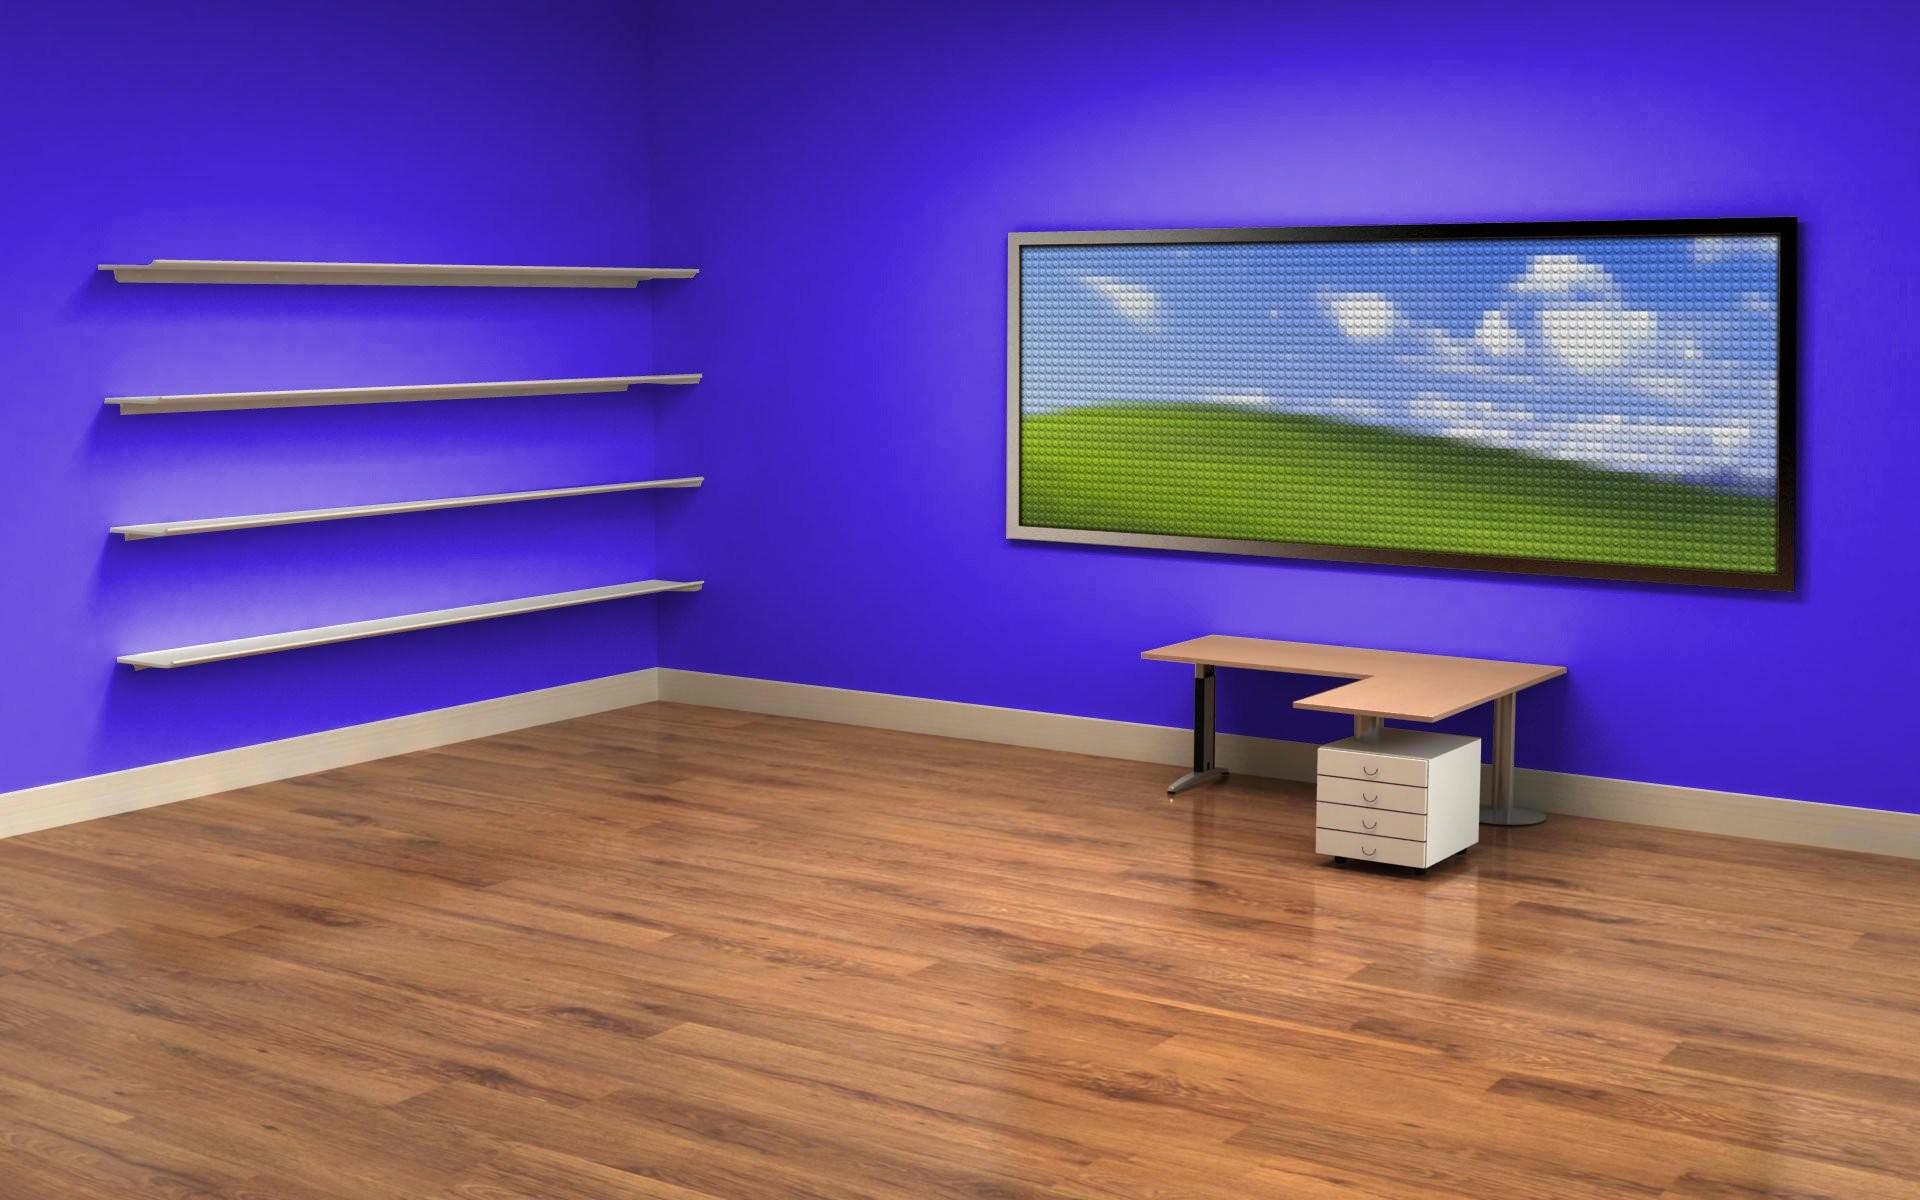 1920x1200 Empty Office Wallpaper 1459 Source Shelf Desktop Background 442065 Walldevil